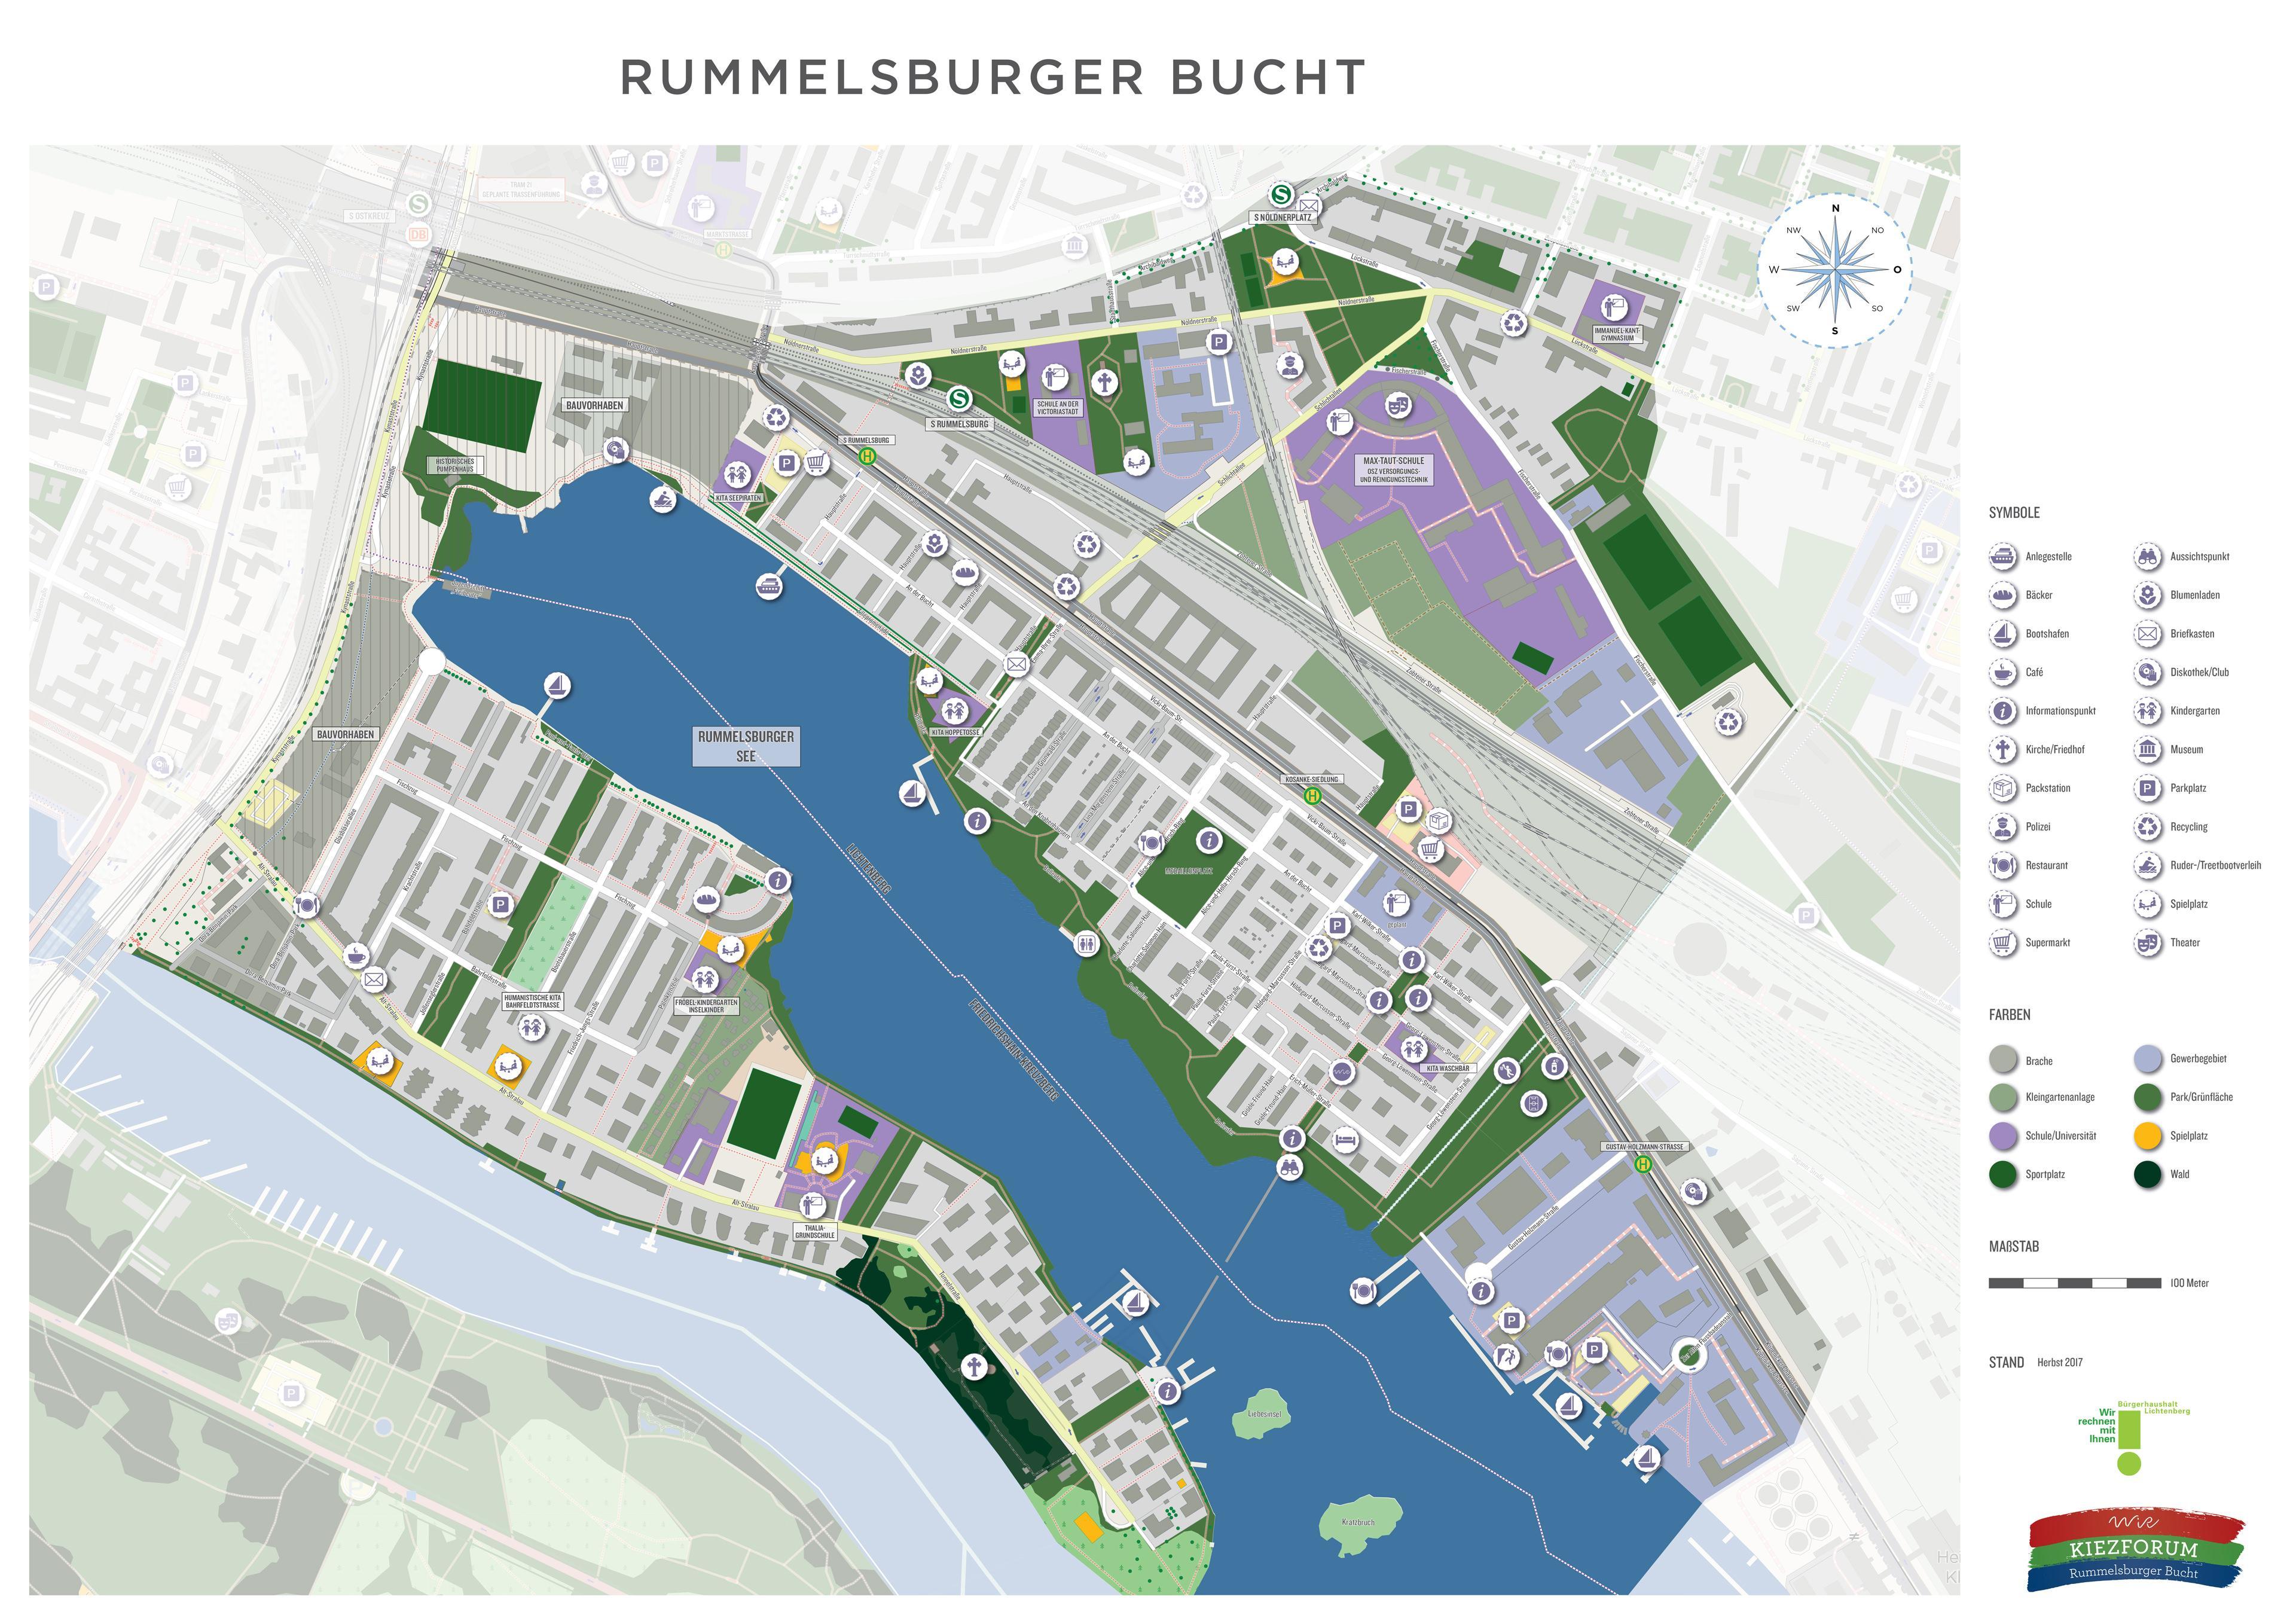 WiR – Wohnen in der Rummelsburger Bucht Nachbarschaftsverein – Kiezkarte Rummelsburger Bucht